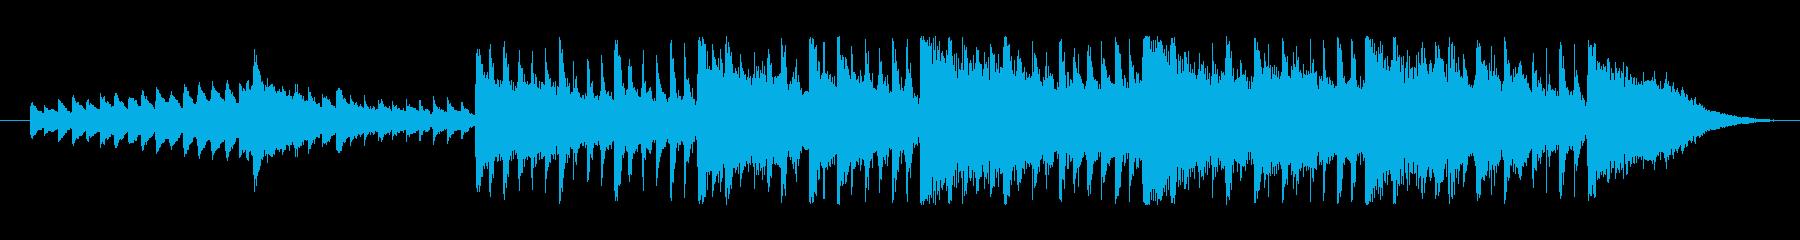 明るくポジティブなBGMの再生済みの波形